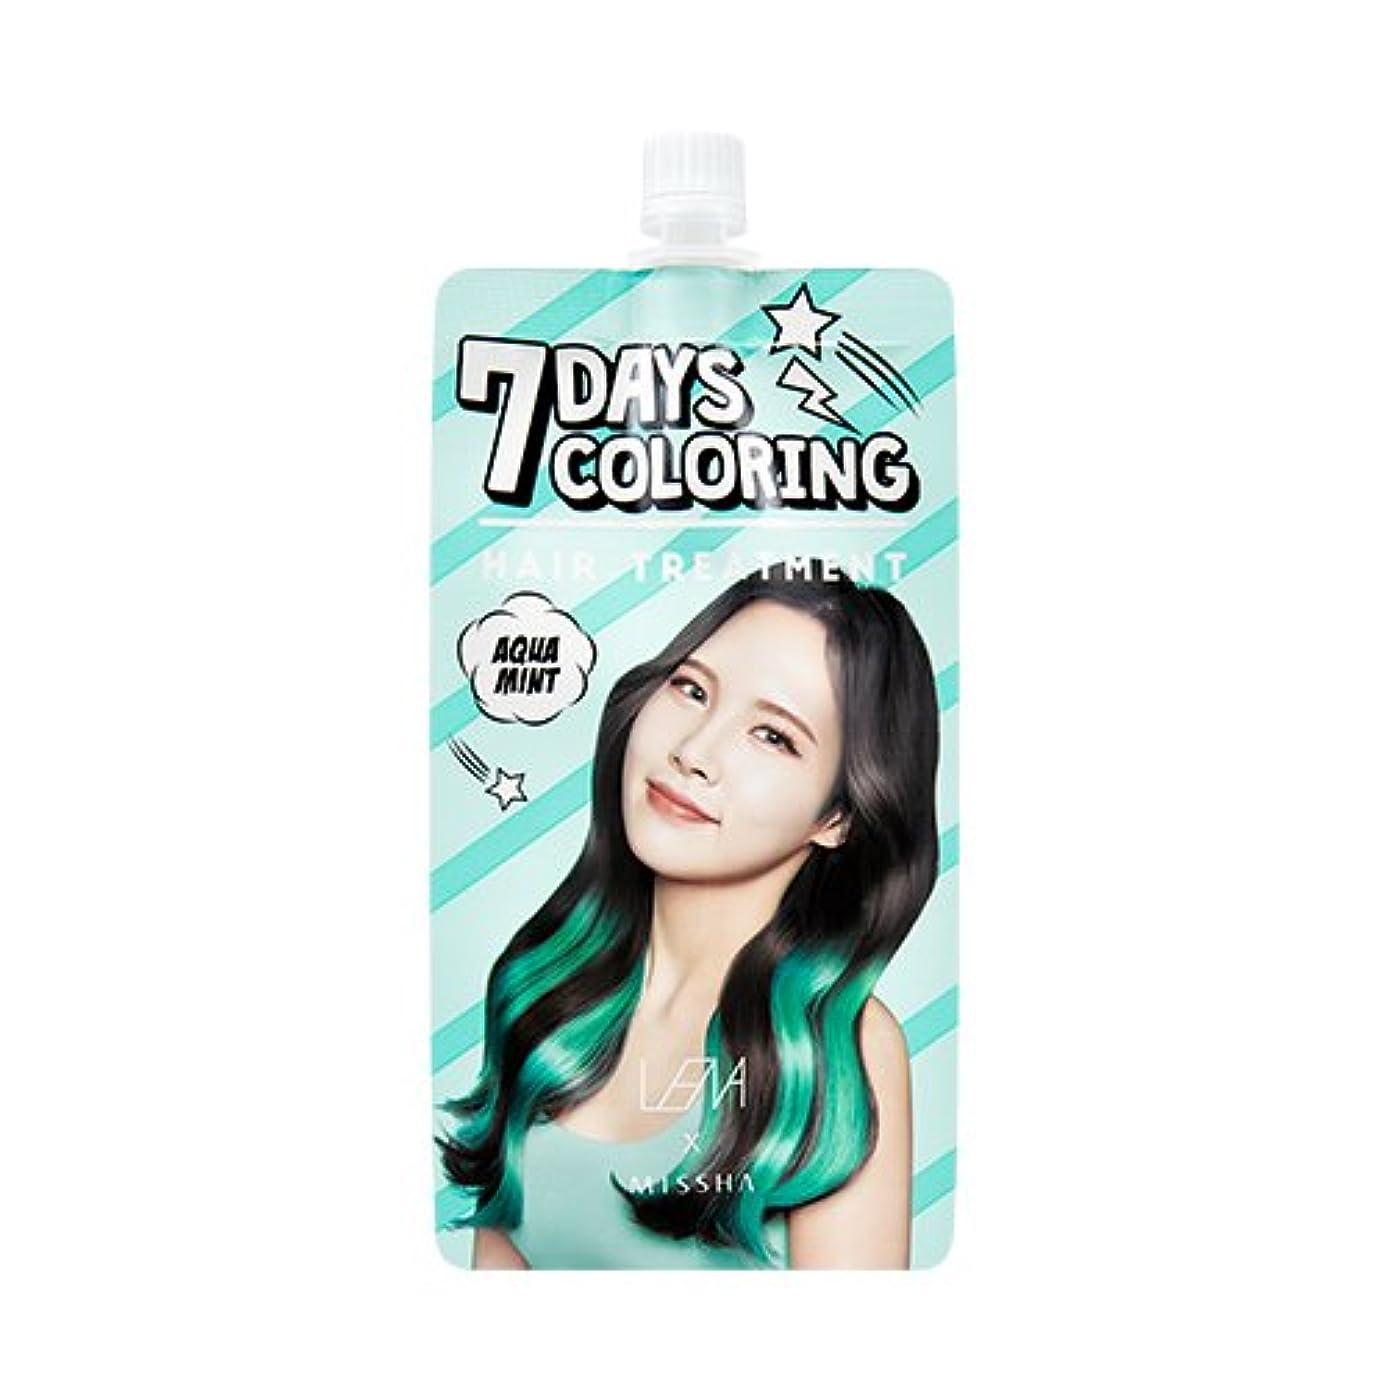 石油溶かす乱気流MISSHA Seven Days Coloring Hair Treatment #Aquamint -LENA Edition /ミシャ セブンデイズカラーリングヘアトリートメント - レナエディション (アクアミント...